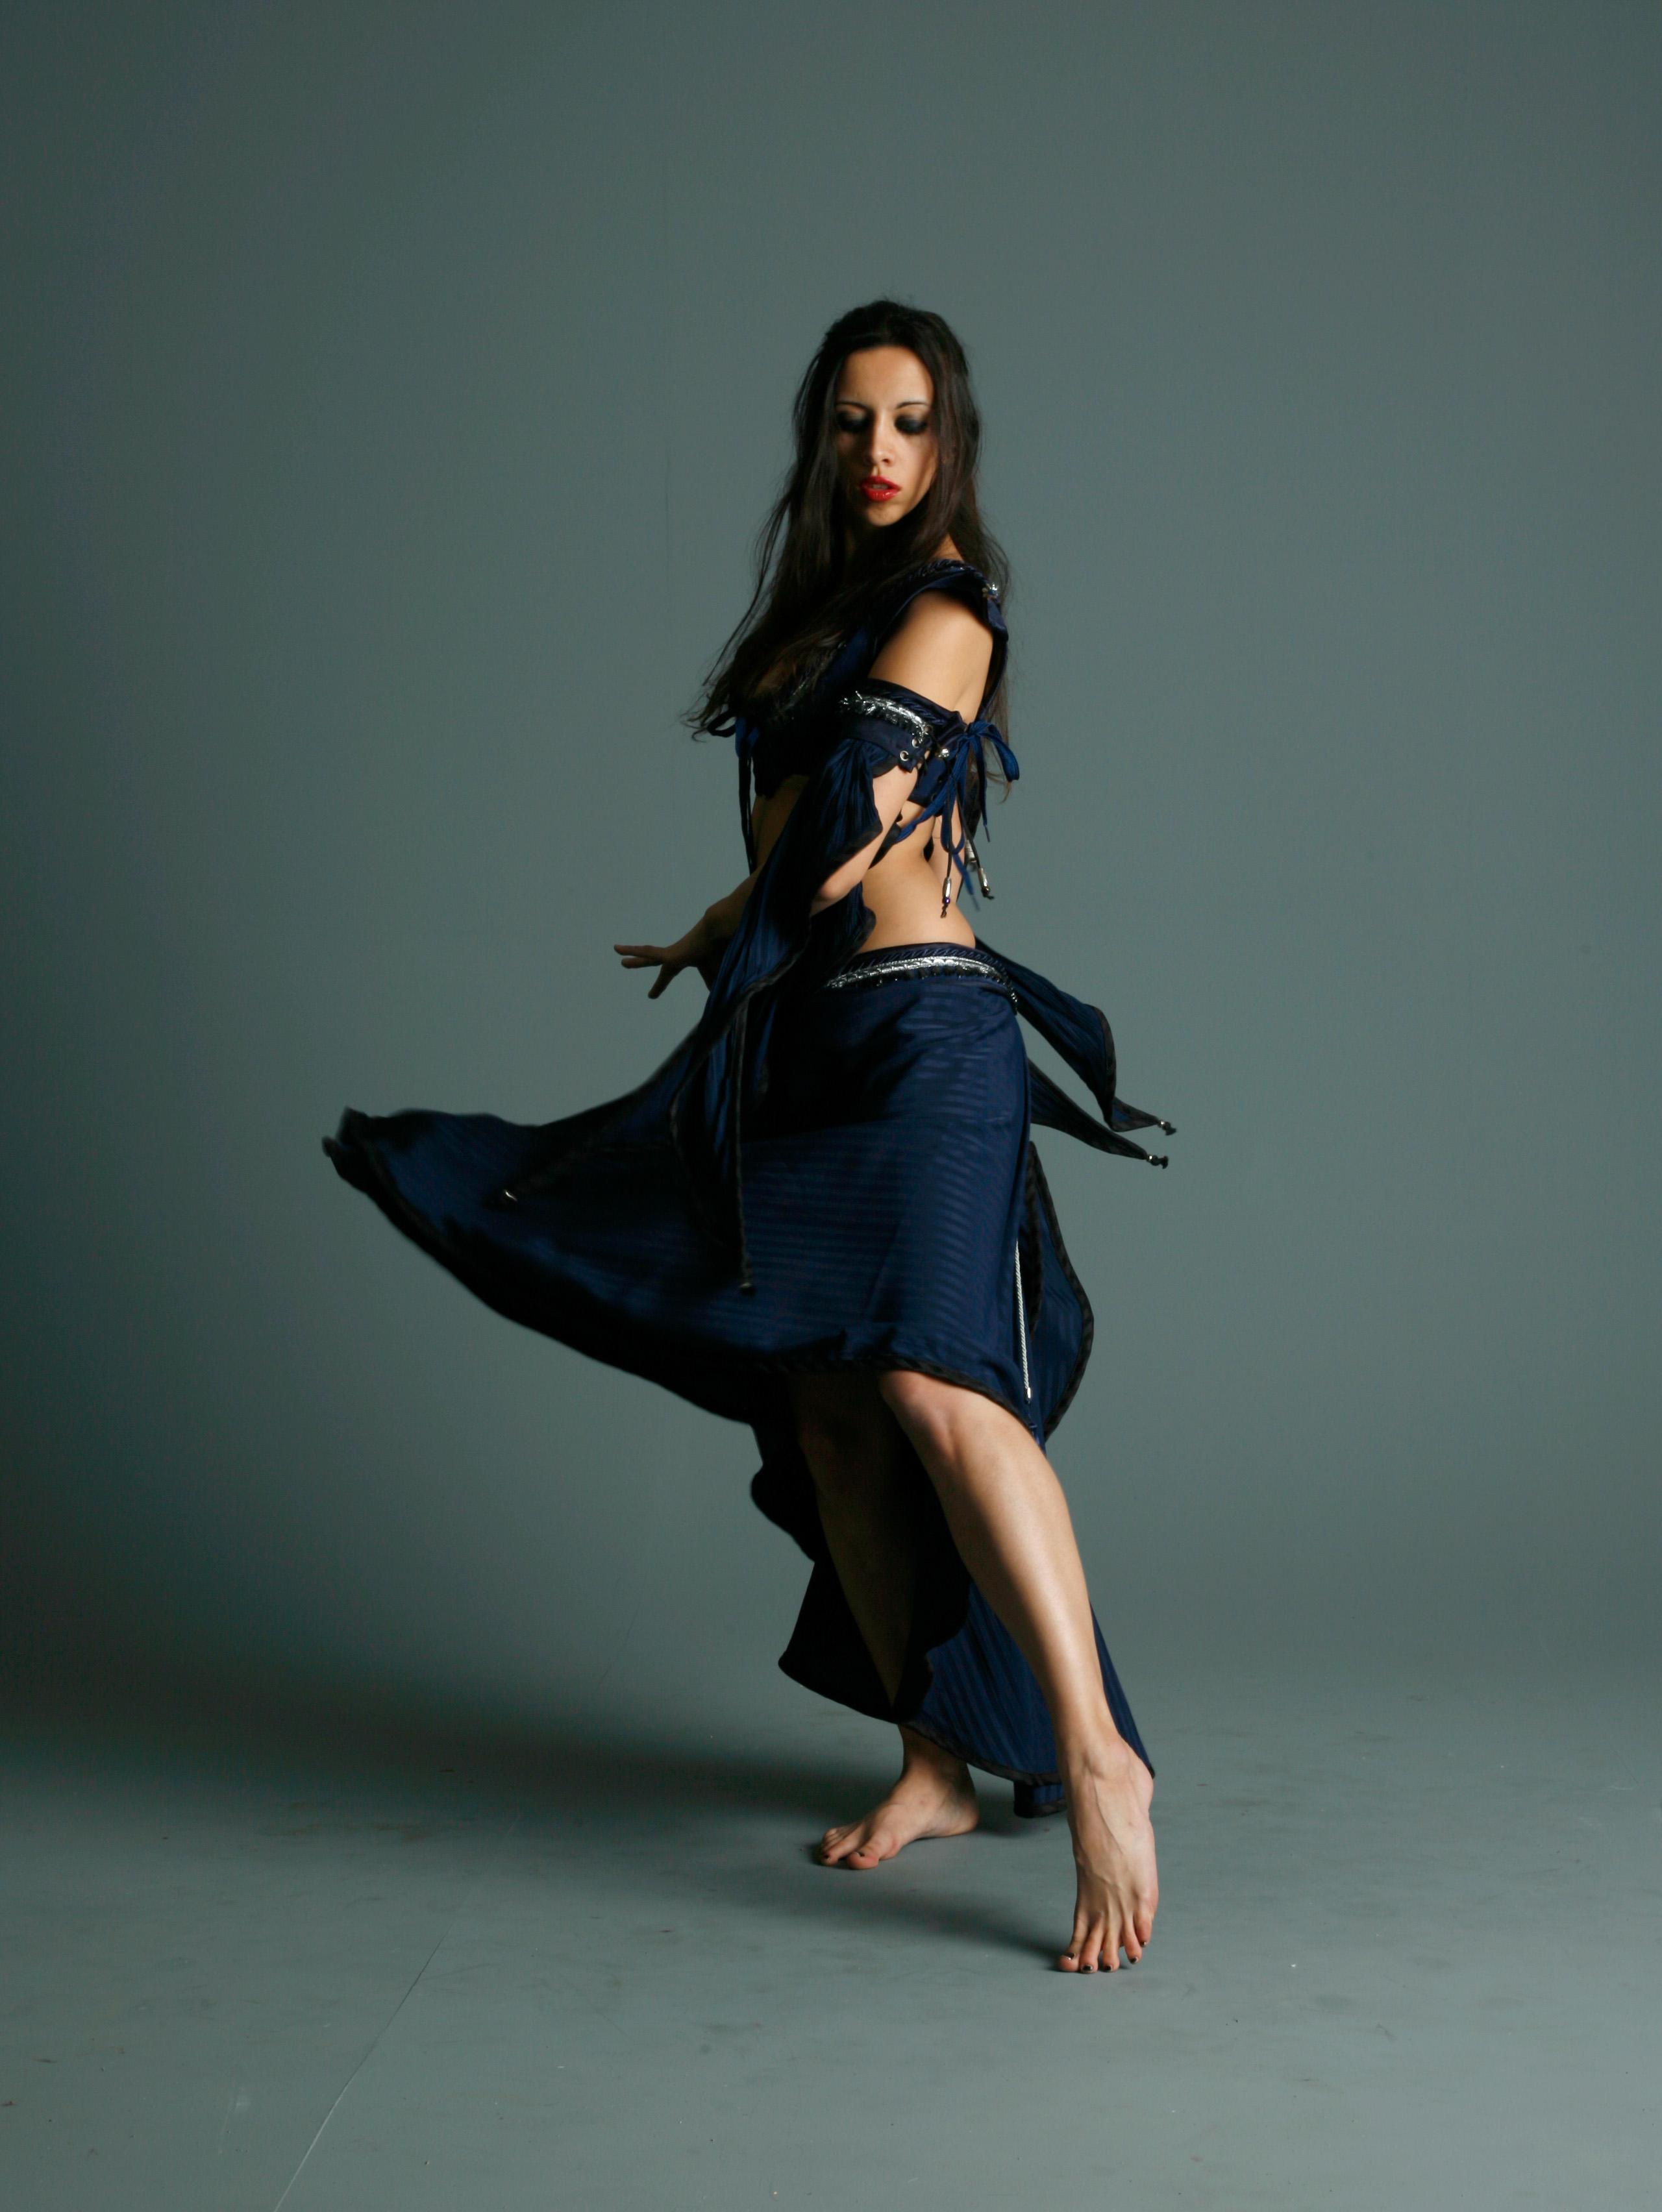 Desert Dancer - 18